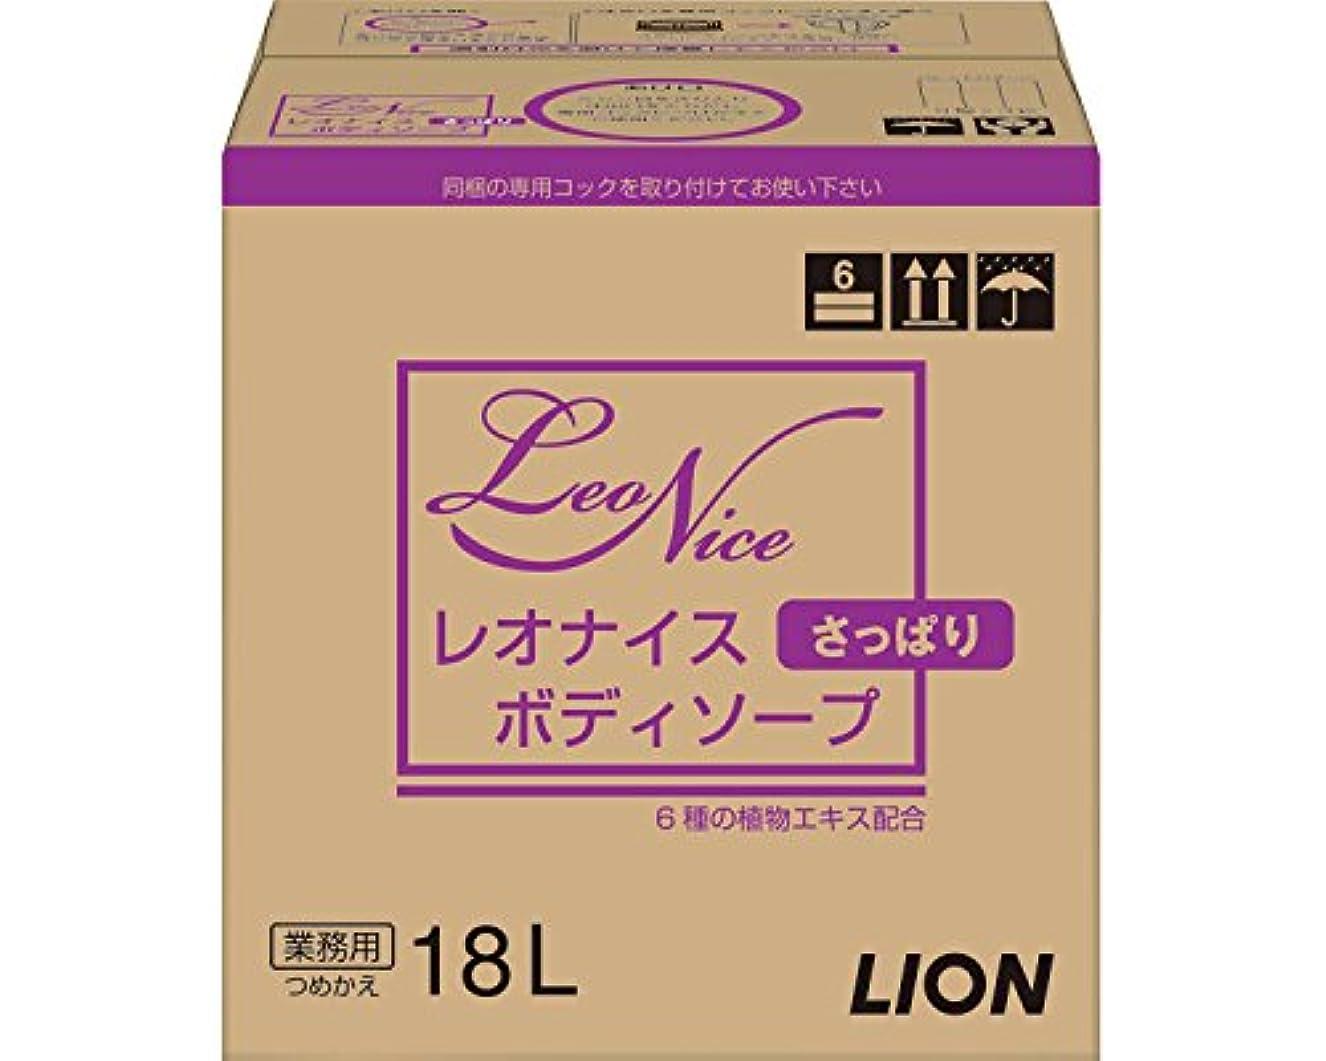 の間で起きるポータブルレオナイスさっぱりボディソープ 18L (ライオンハイジーン) (清拭小物)